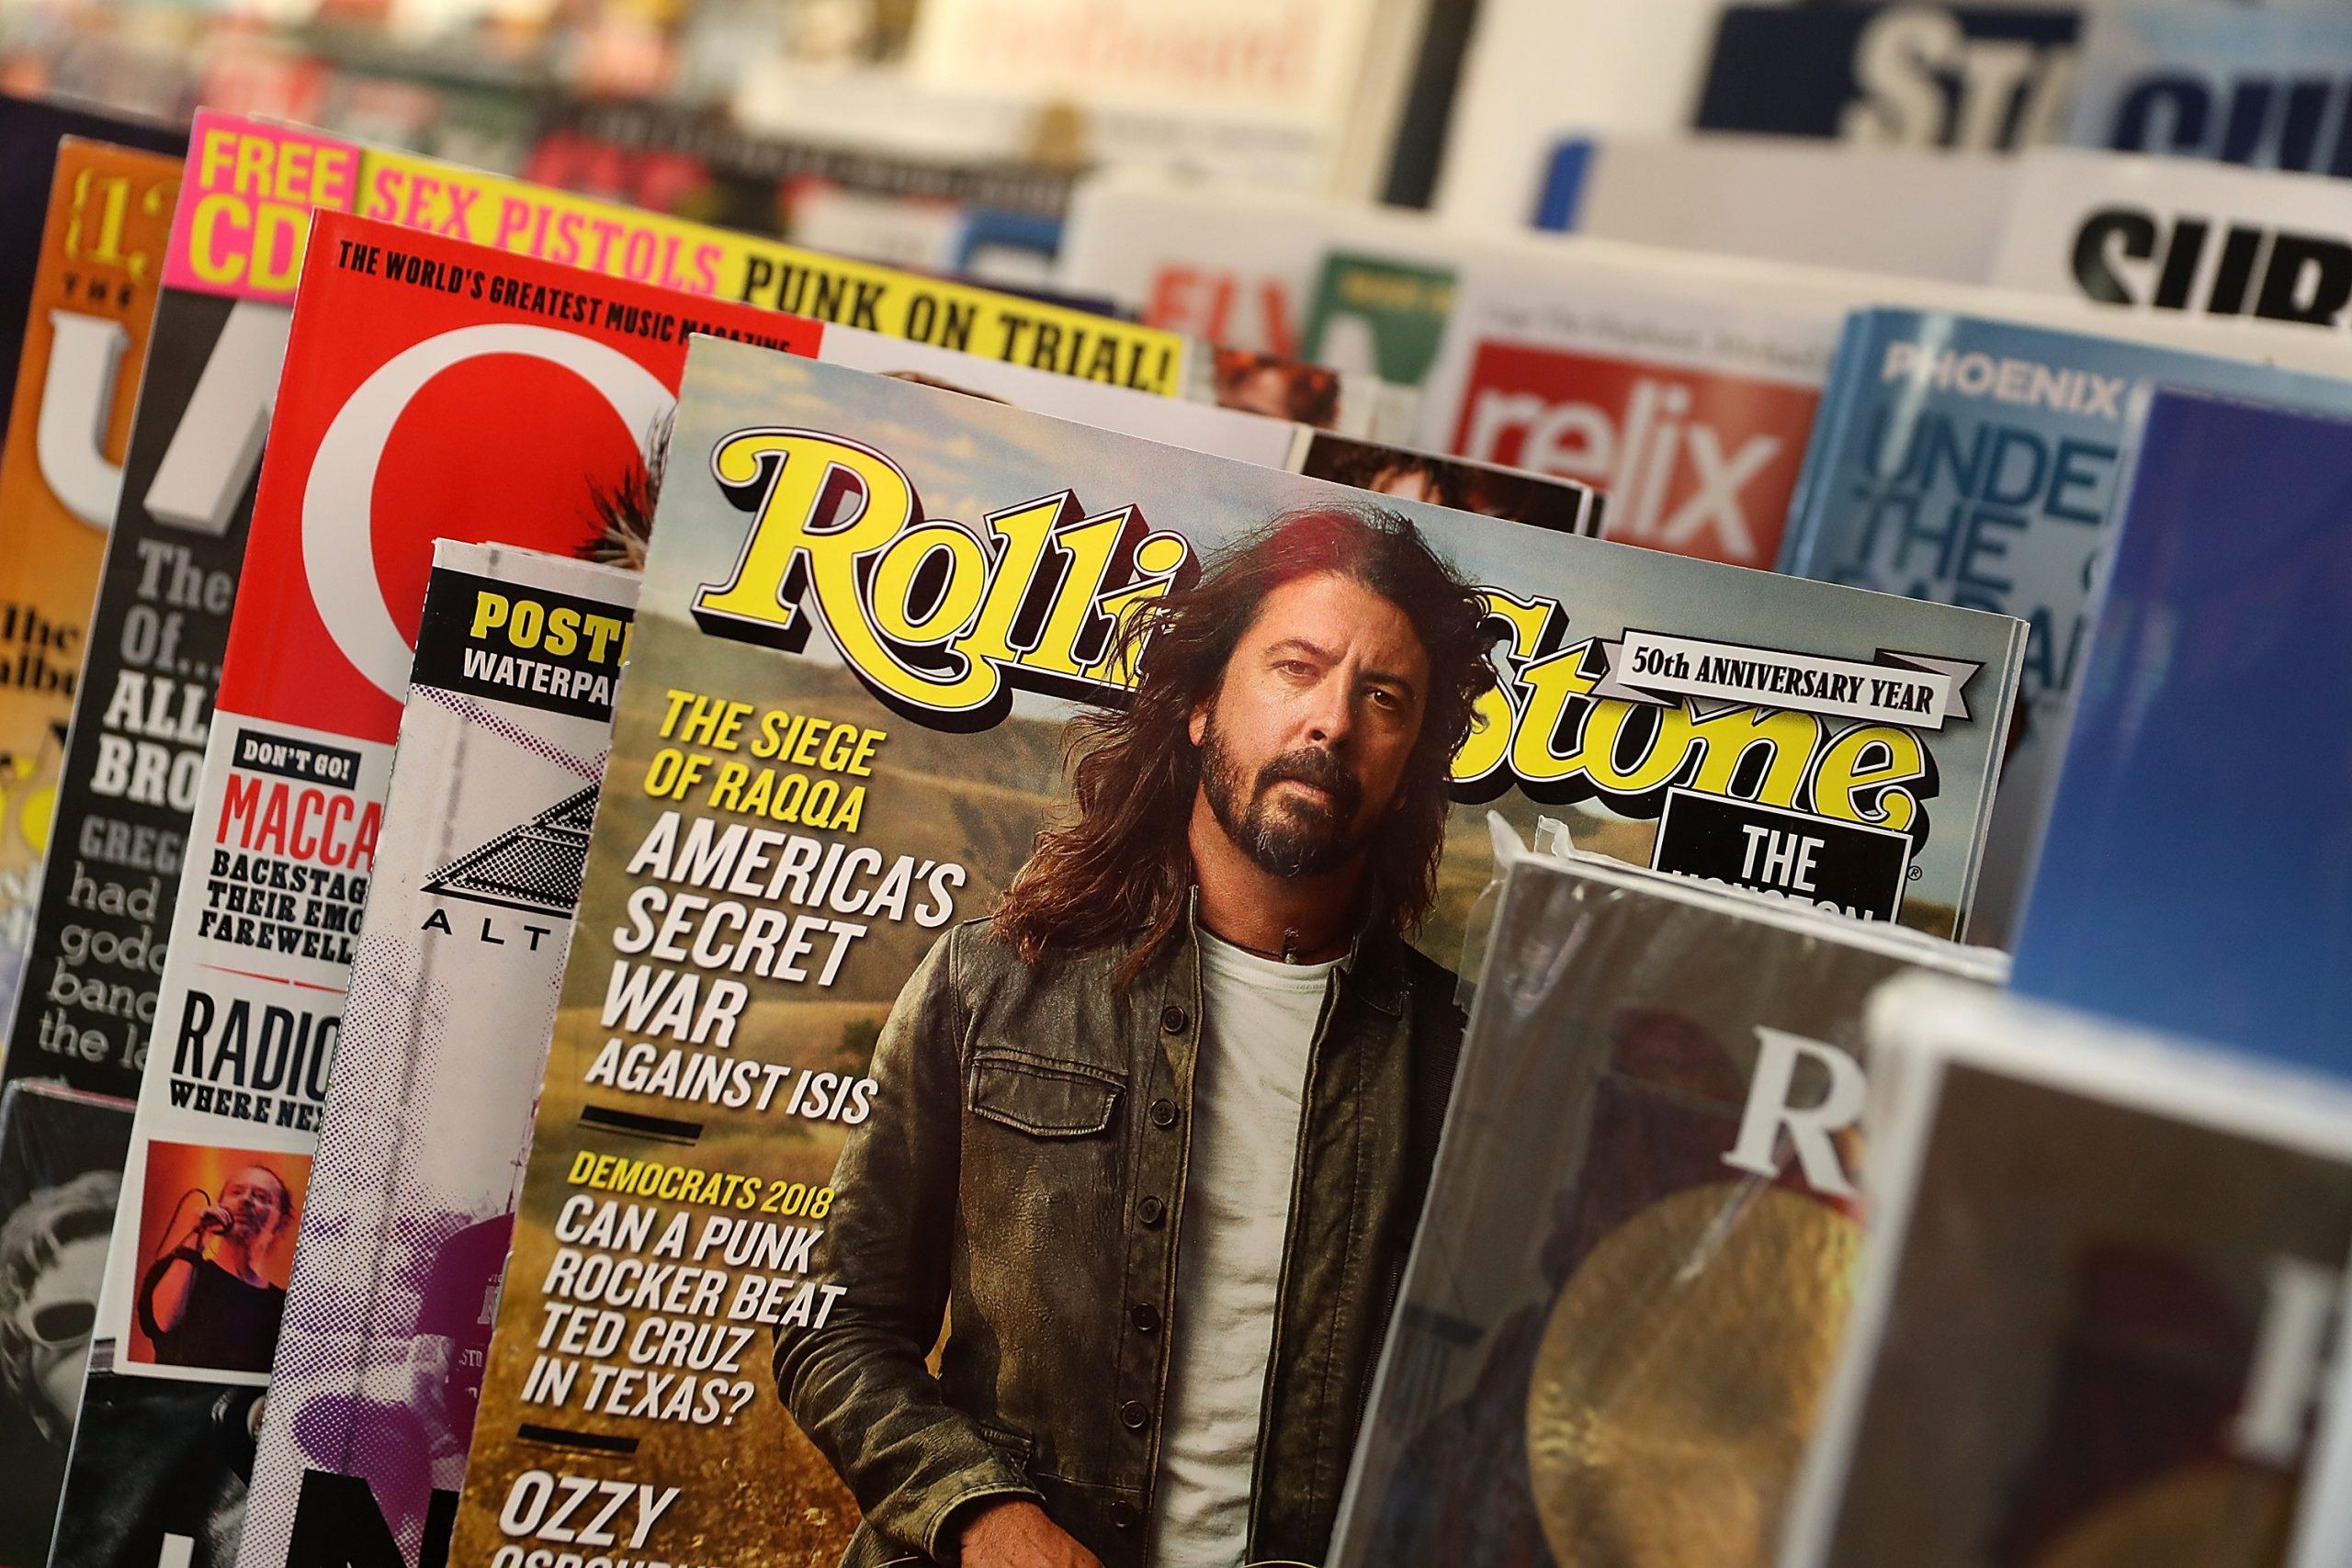 ¿Superó a Arcade Fire y The White Stripes? Bad Bunny entra a la lista de los 500 mejores discos de Rolling Stone